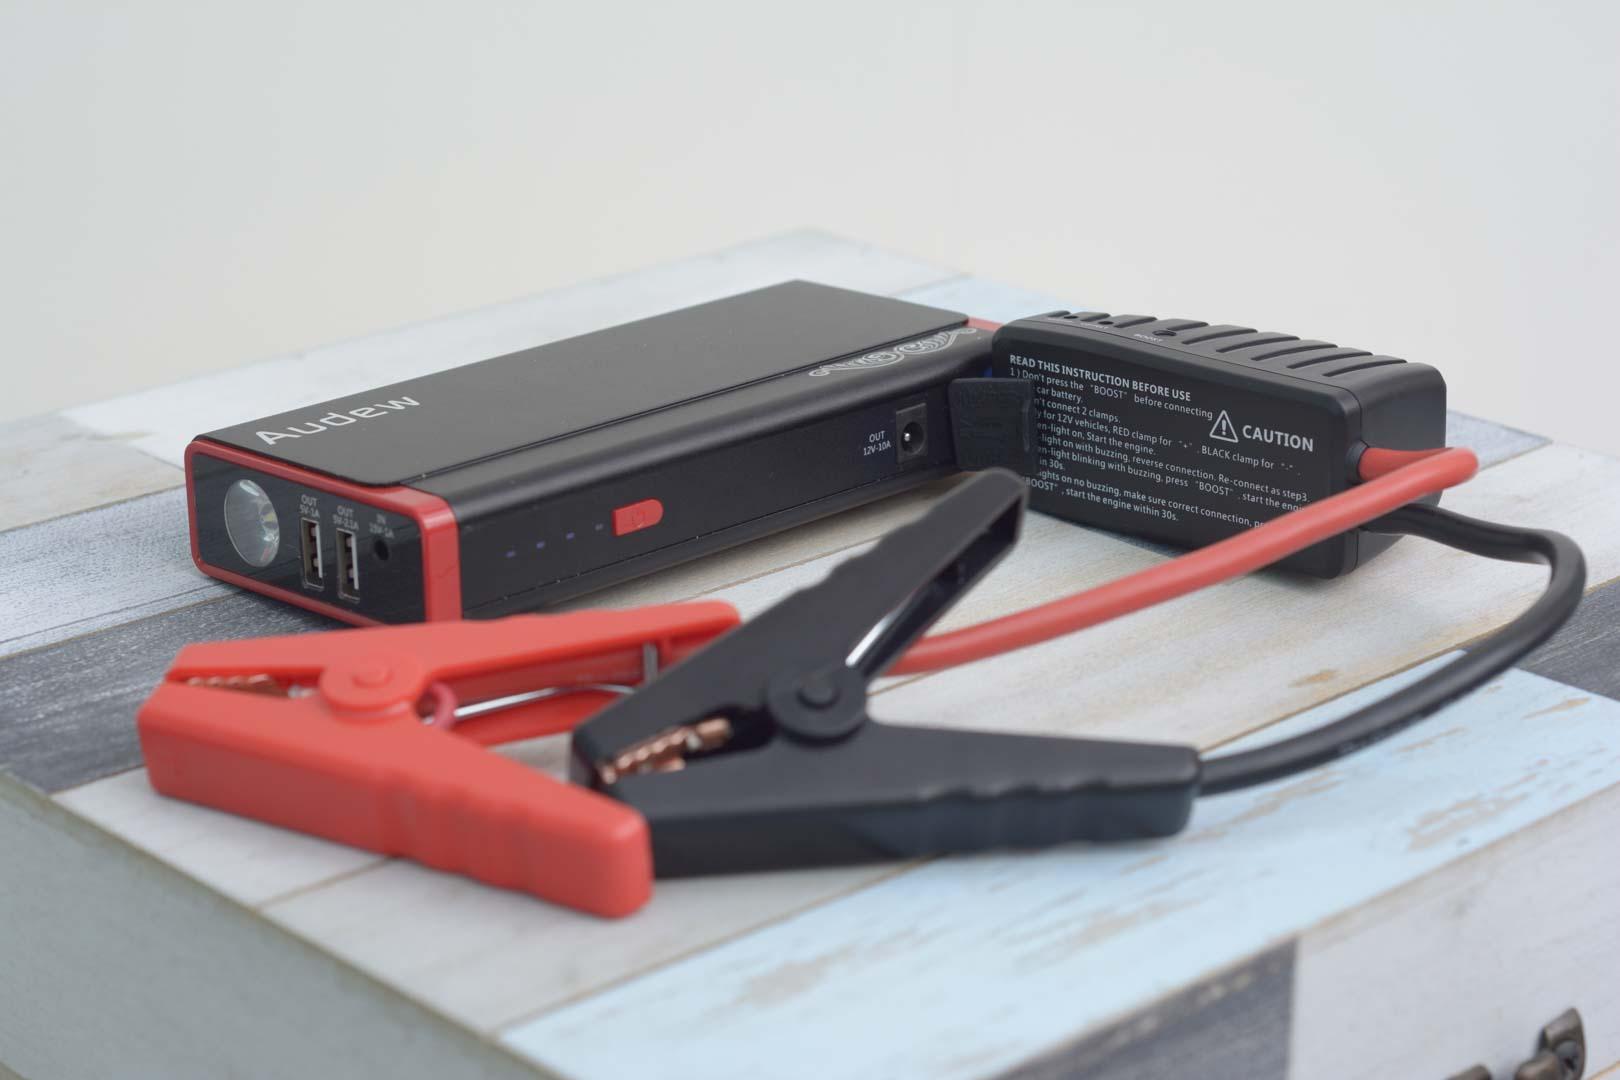 Audew 13800mAh Battery Booster 500A Portable Car Jump Starter